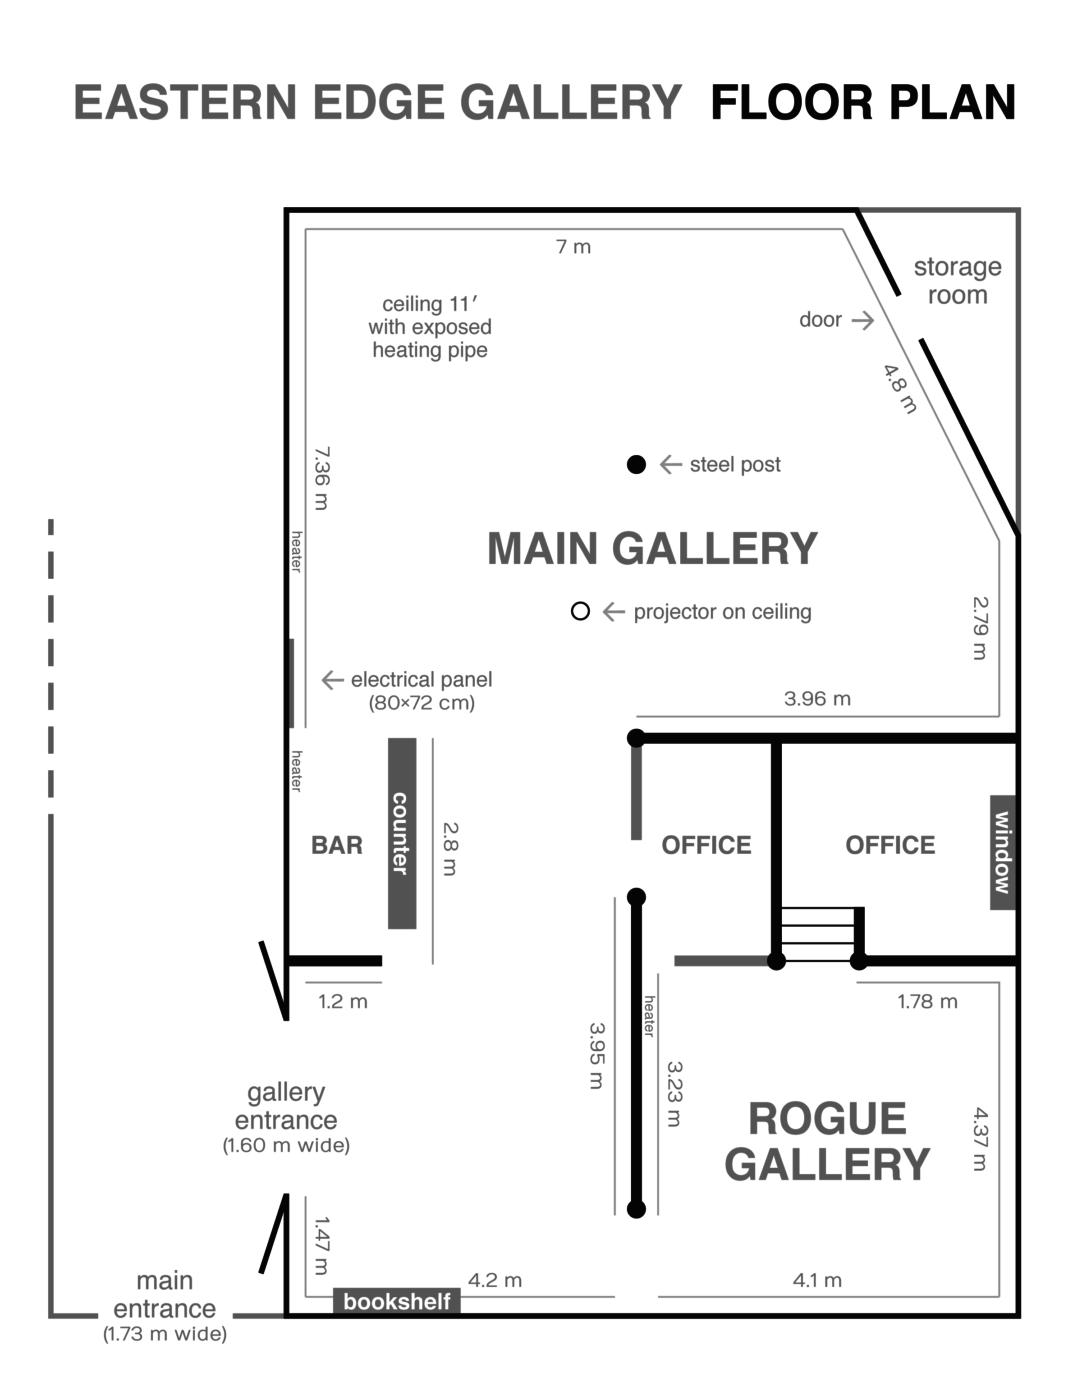 Eastern Edge Gallery Floor Plan 2018